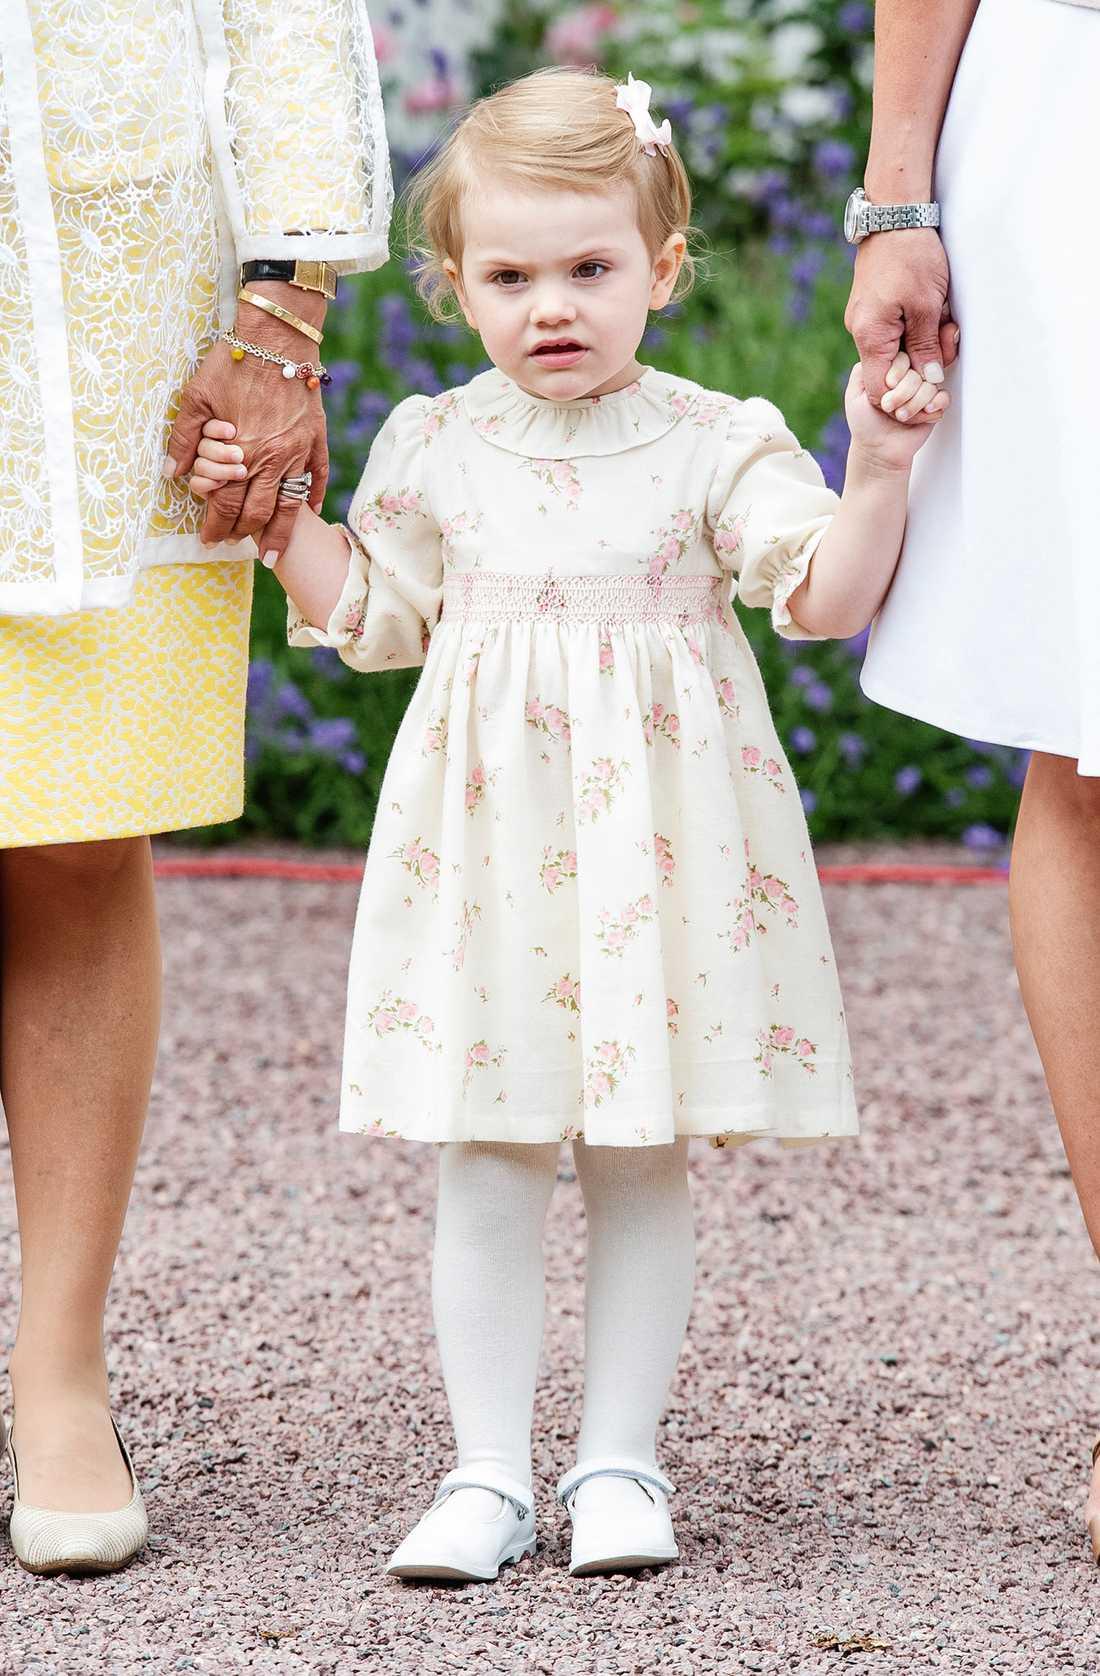 På Victoriadagen 14 juli matchade Estelle sin mamma med vippig klänning och ljusa skor.